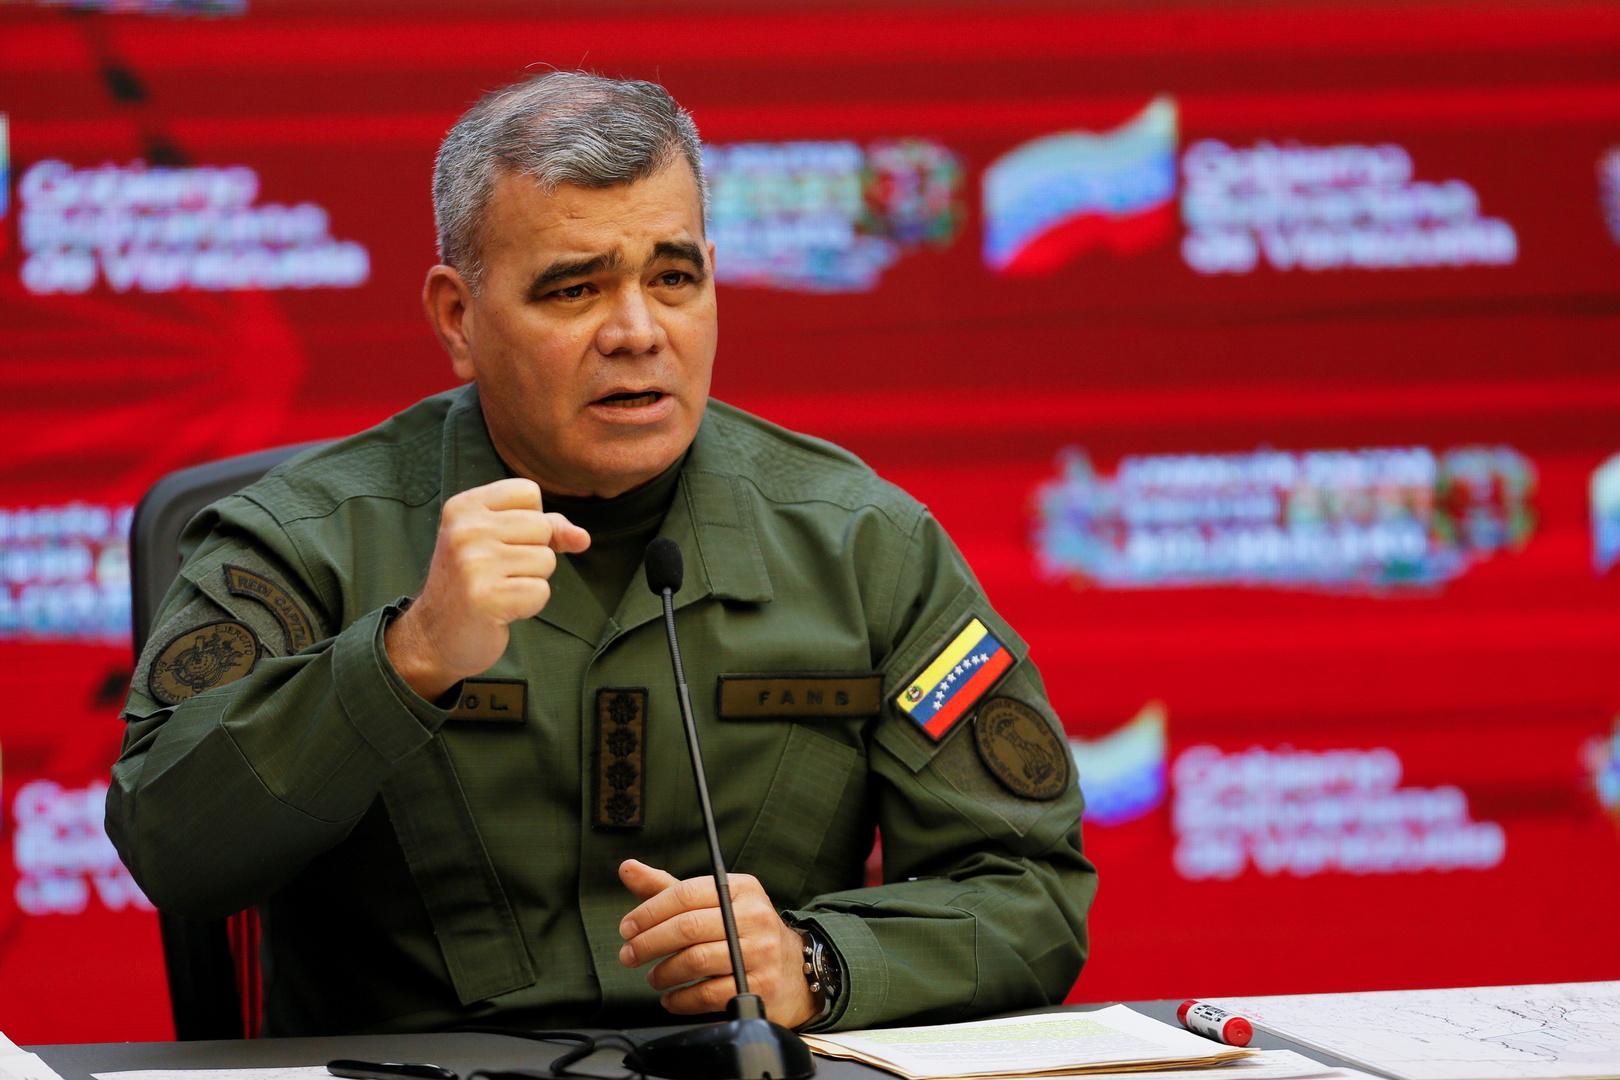 بعثة خبراء الاتحاد الأوروبي للانتخابات تلتقي وزير الدفاع الفنزويلي